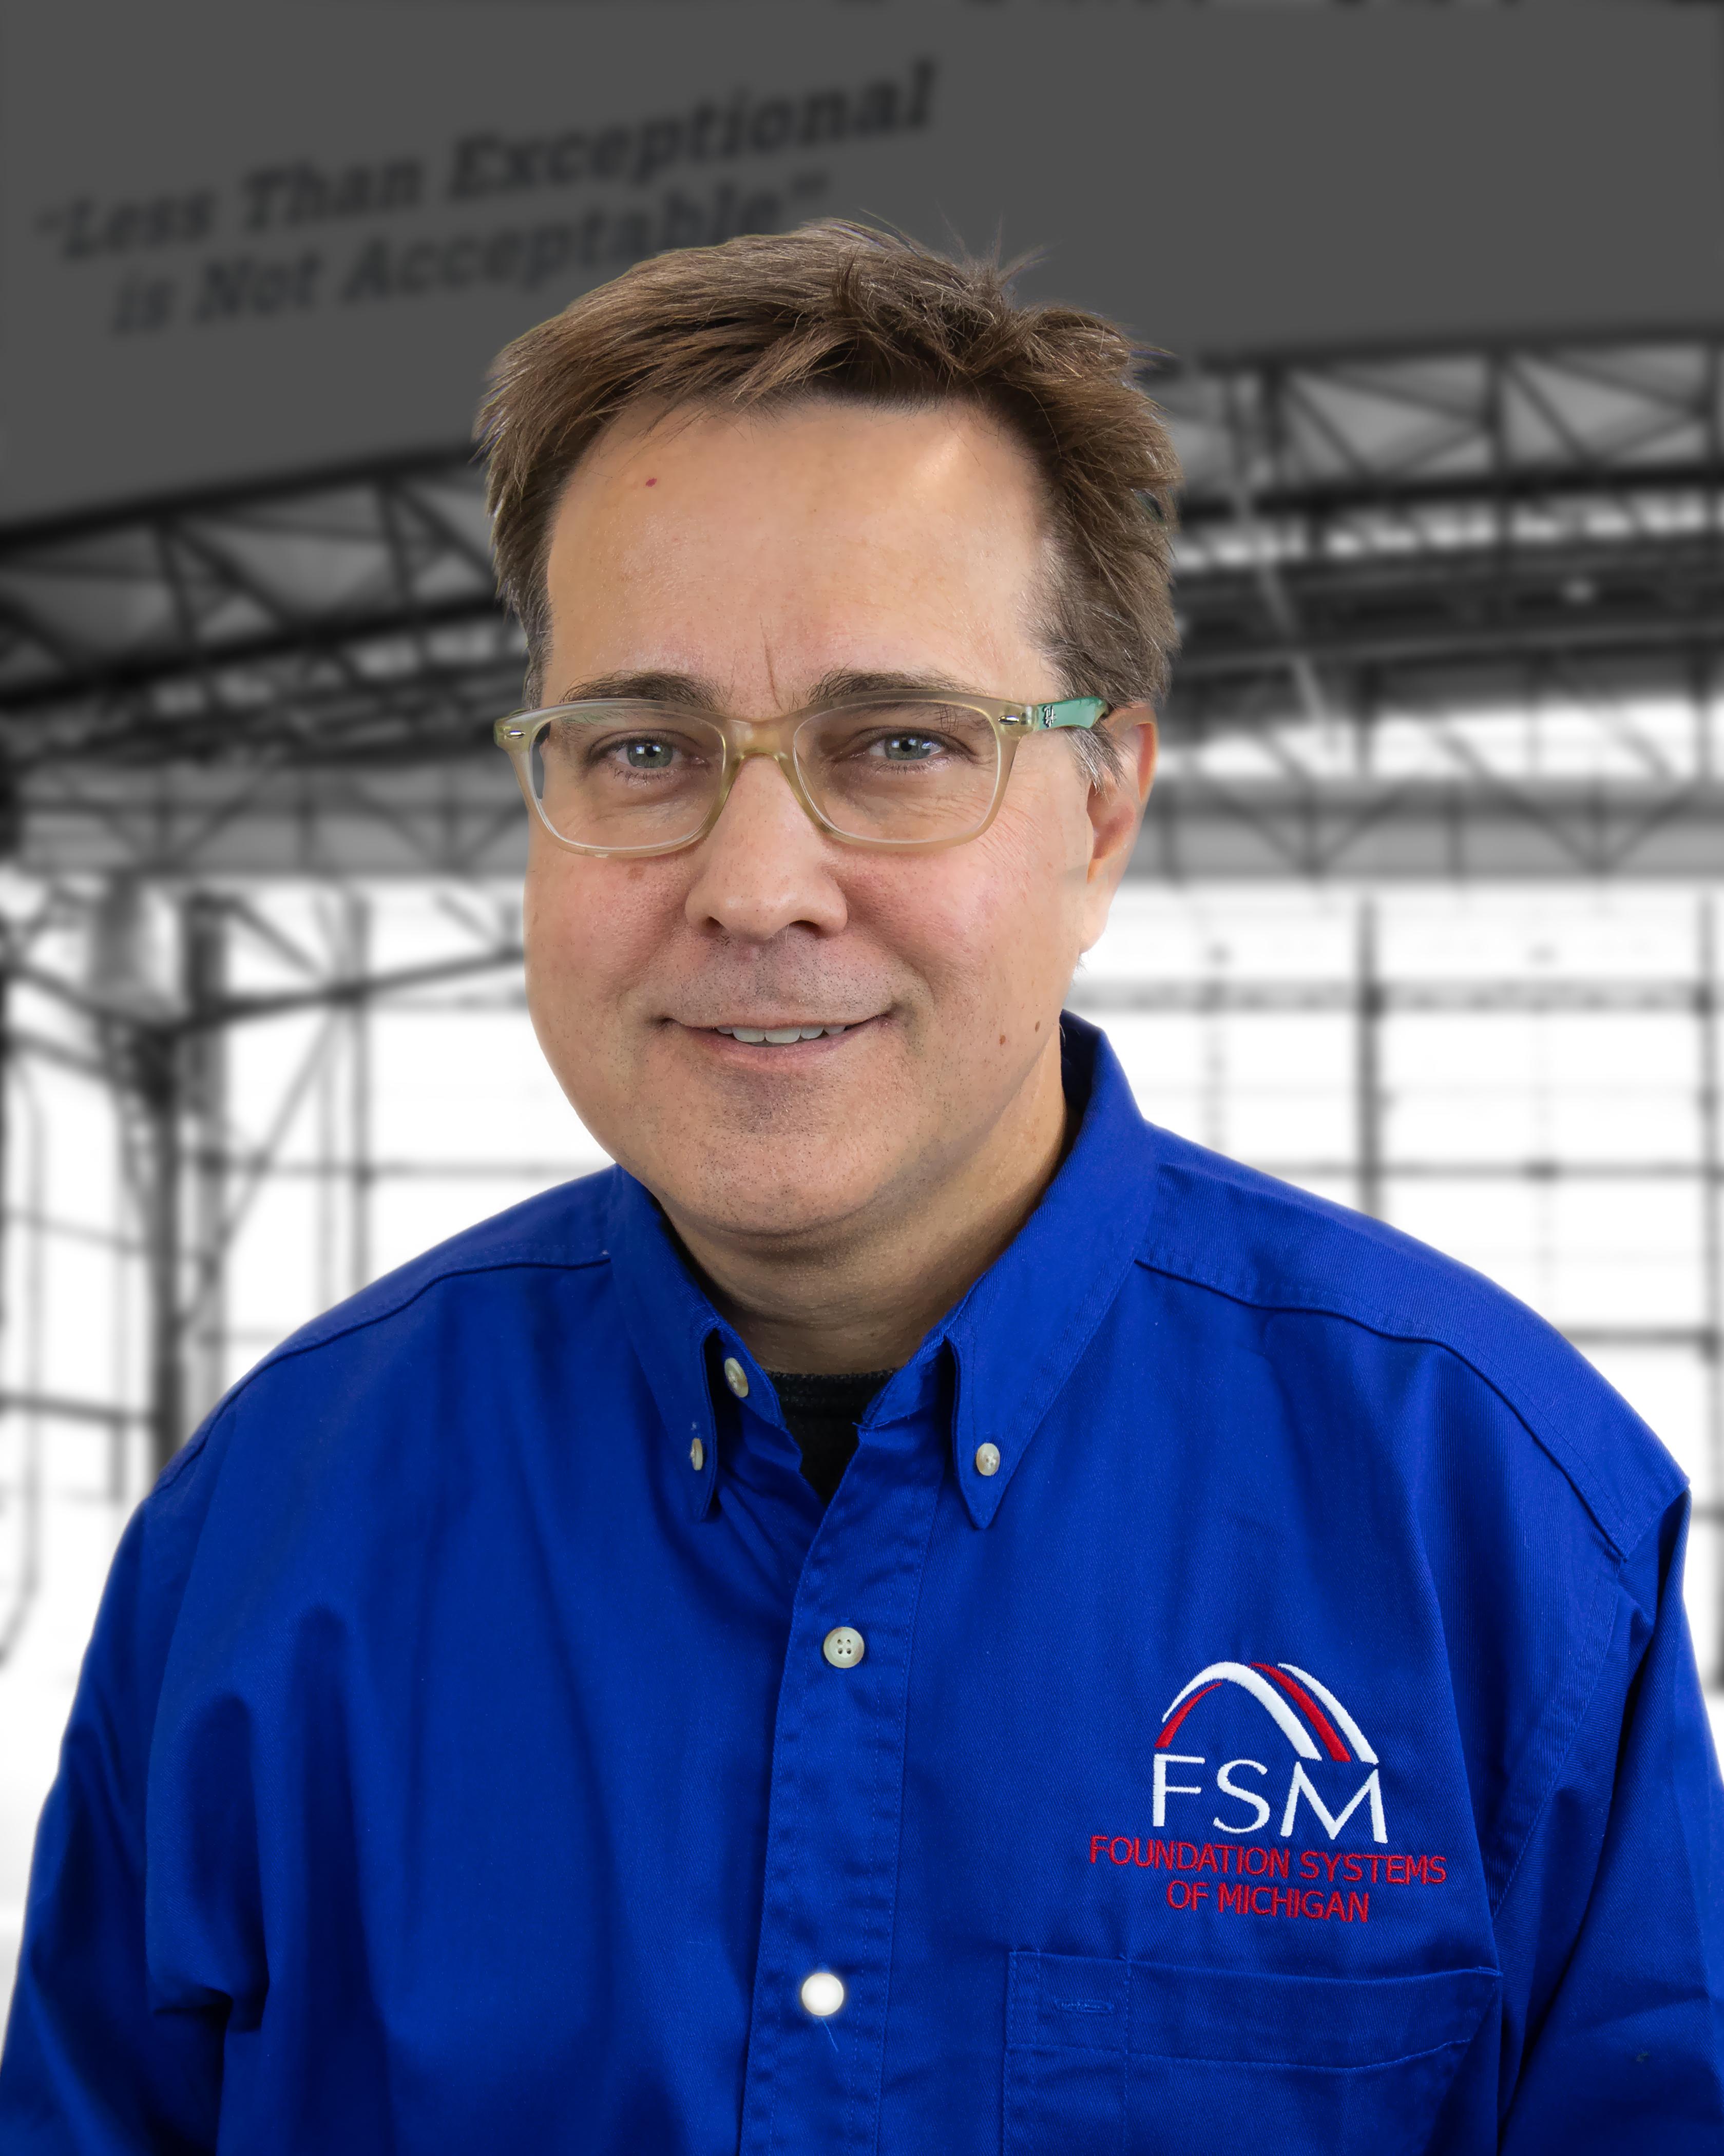 FSM Marc Bay Inspector